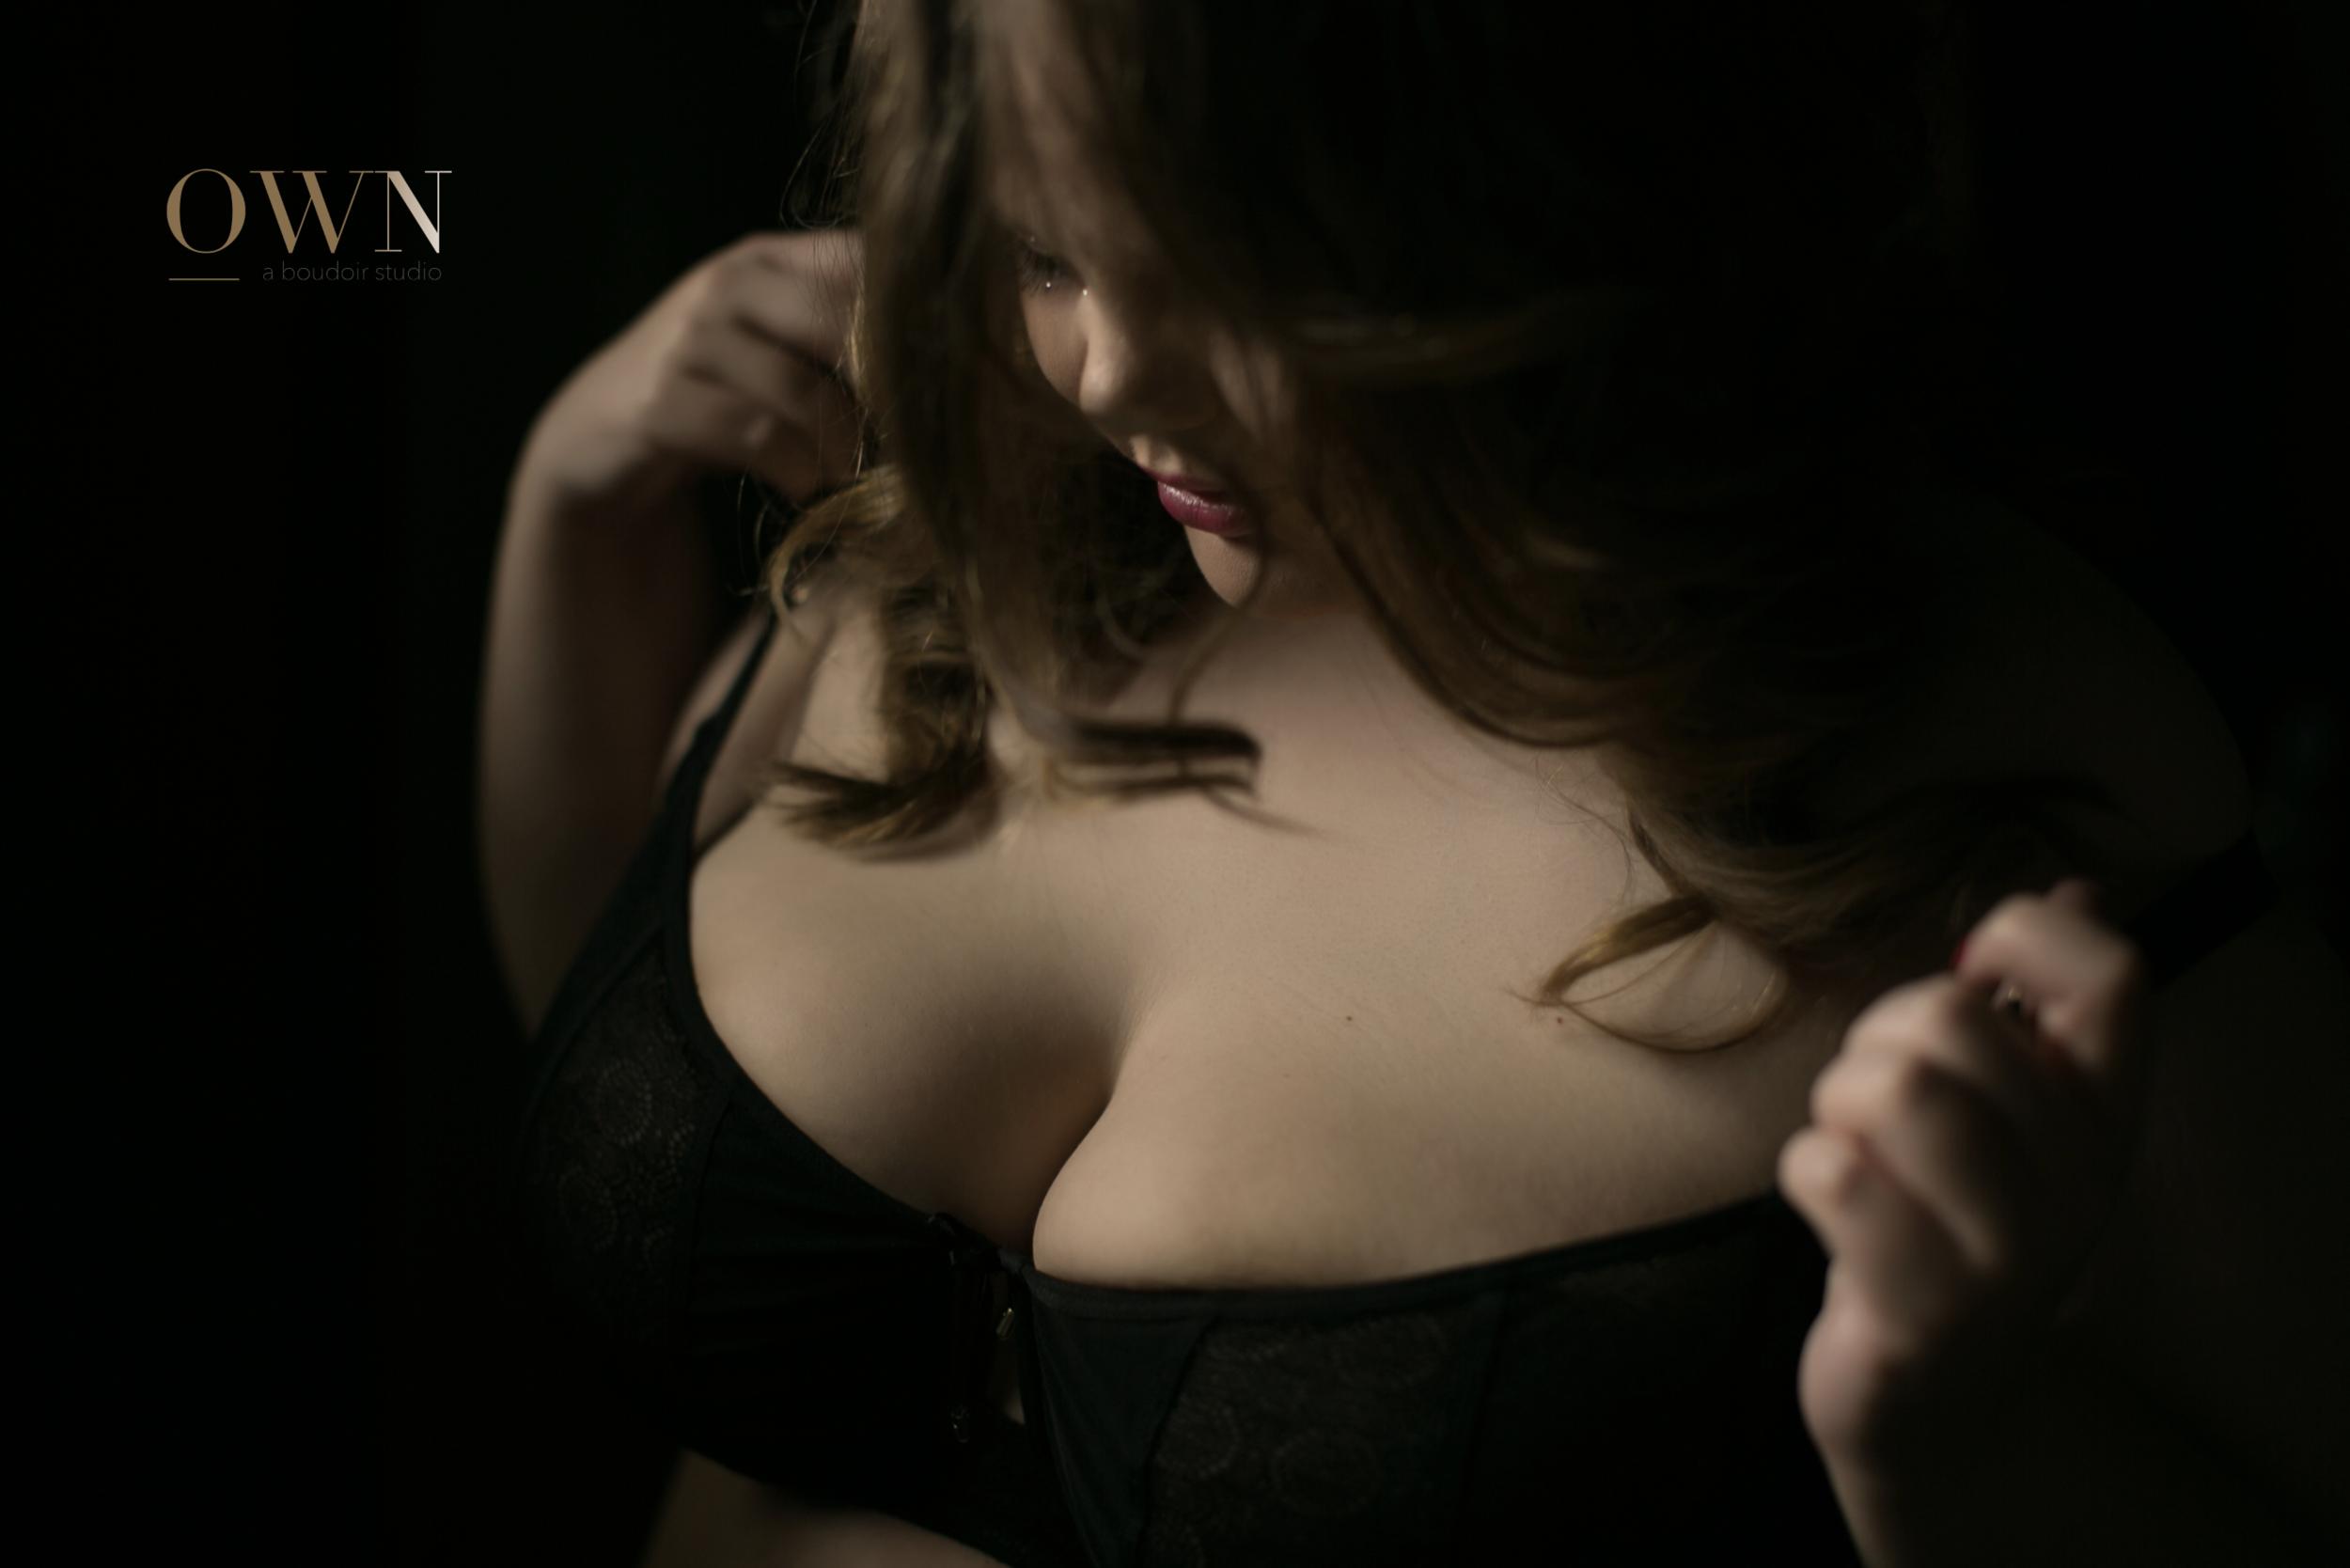 atlanta boudoir, plus sized boudoir, plus sized boudoir atlanta, own boudoir, erotic photography, erotic boudoir, boudoir photographer atlanta, best atlanta boudoir